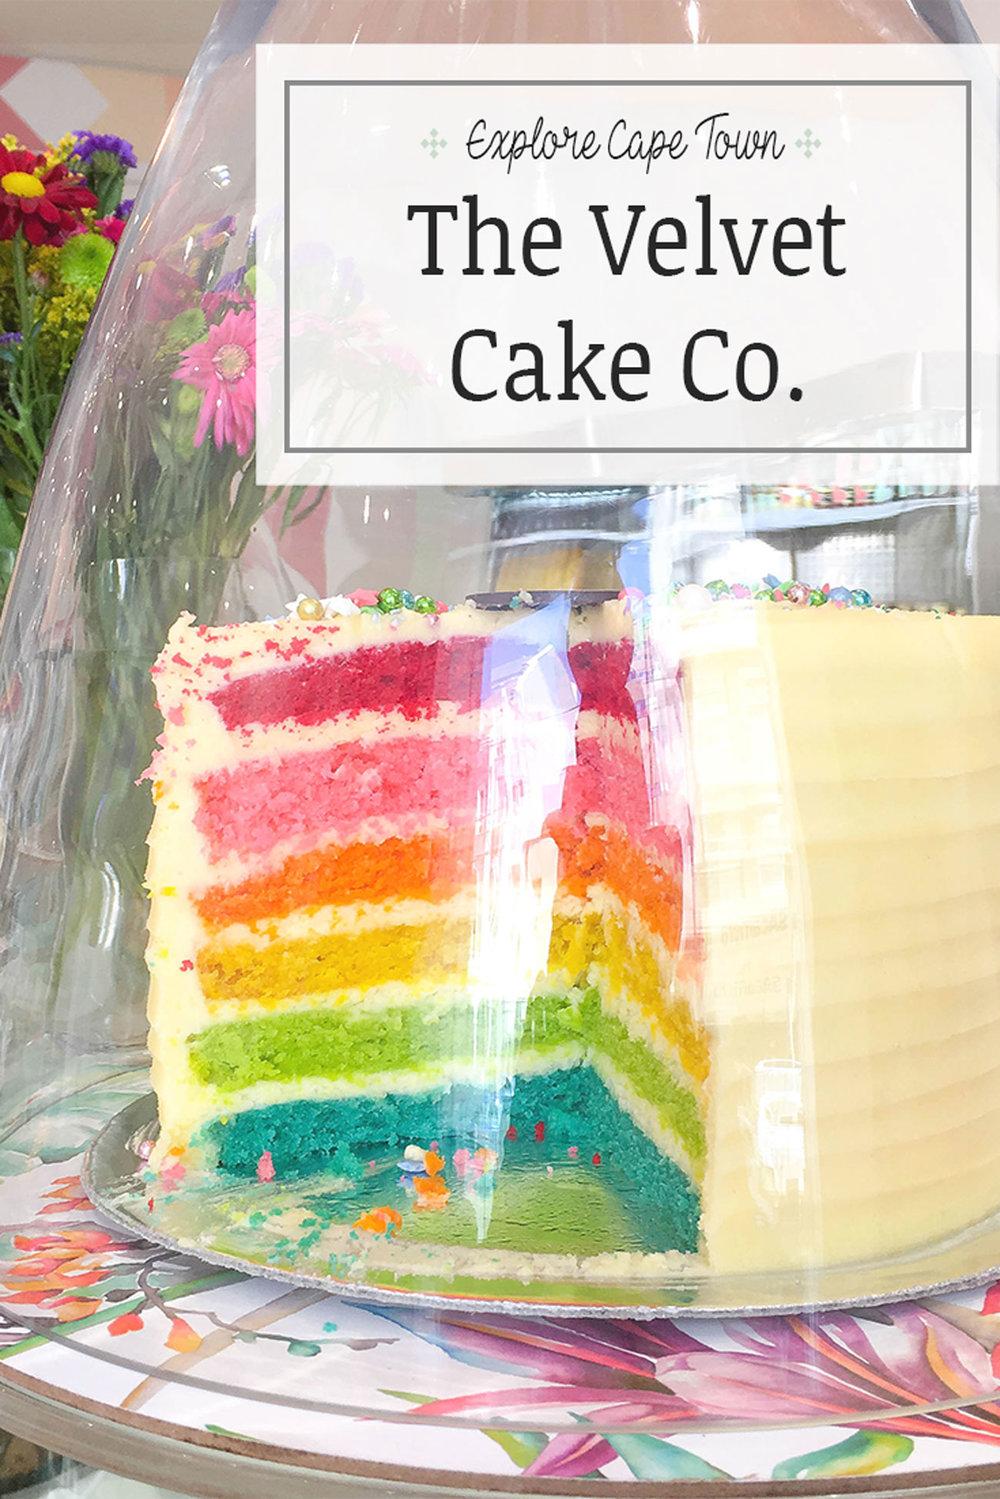 The Velvet Cake Co